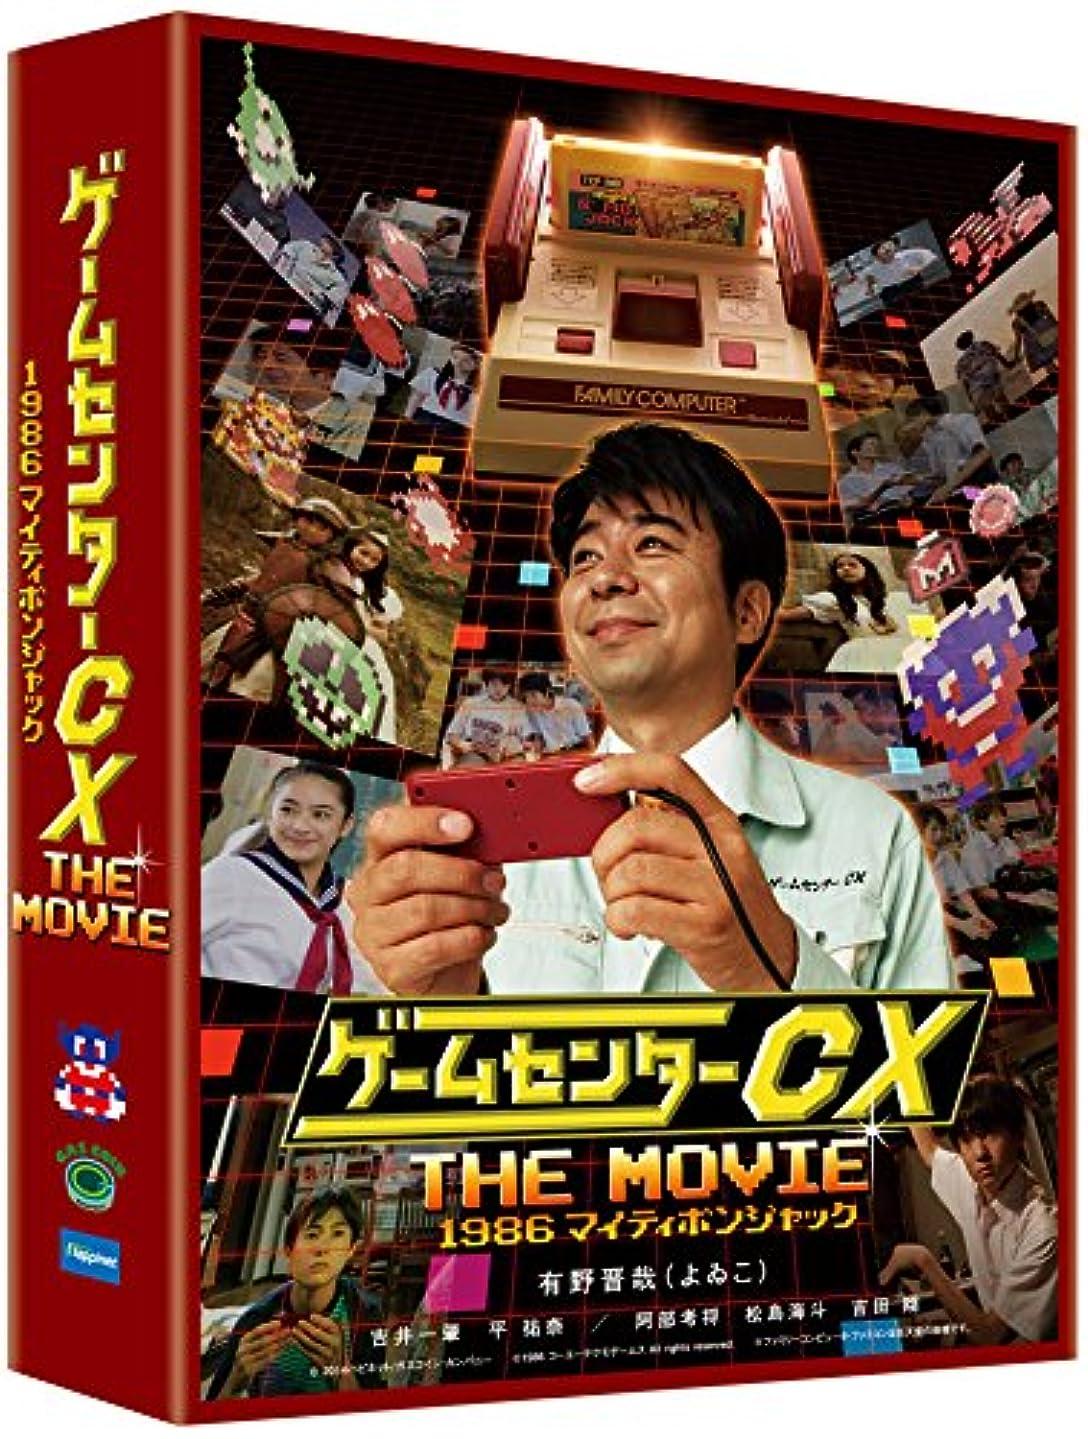 相談スケート以来ゲームセンターCX THE MOVIE 1986 マイティボンジャック [Blu-ray]